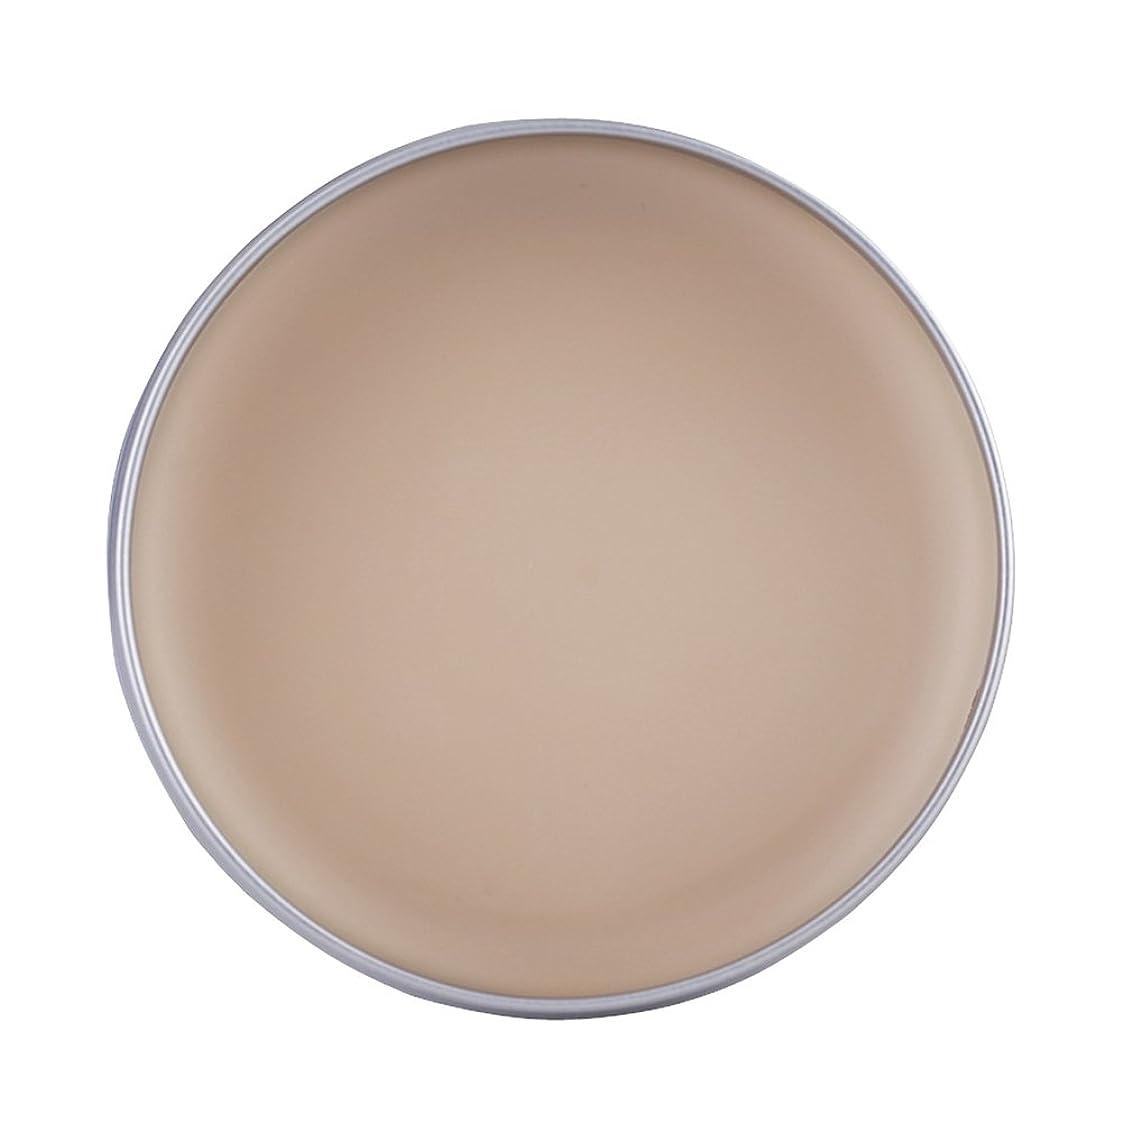 要塞フェリートレース5タイププロフェッショナル偽の創傷修復カバー瘢痕眉毛クリームワックスメイクアップ化粧品(3)